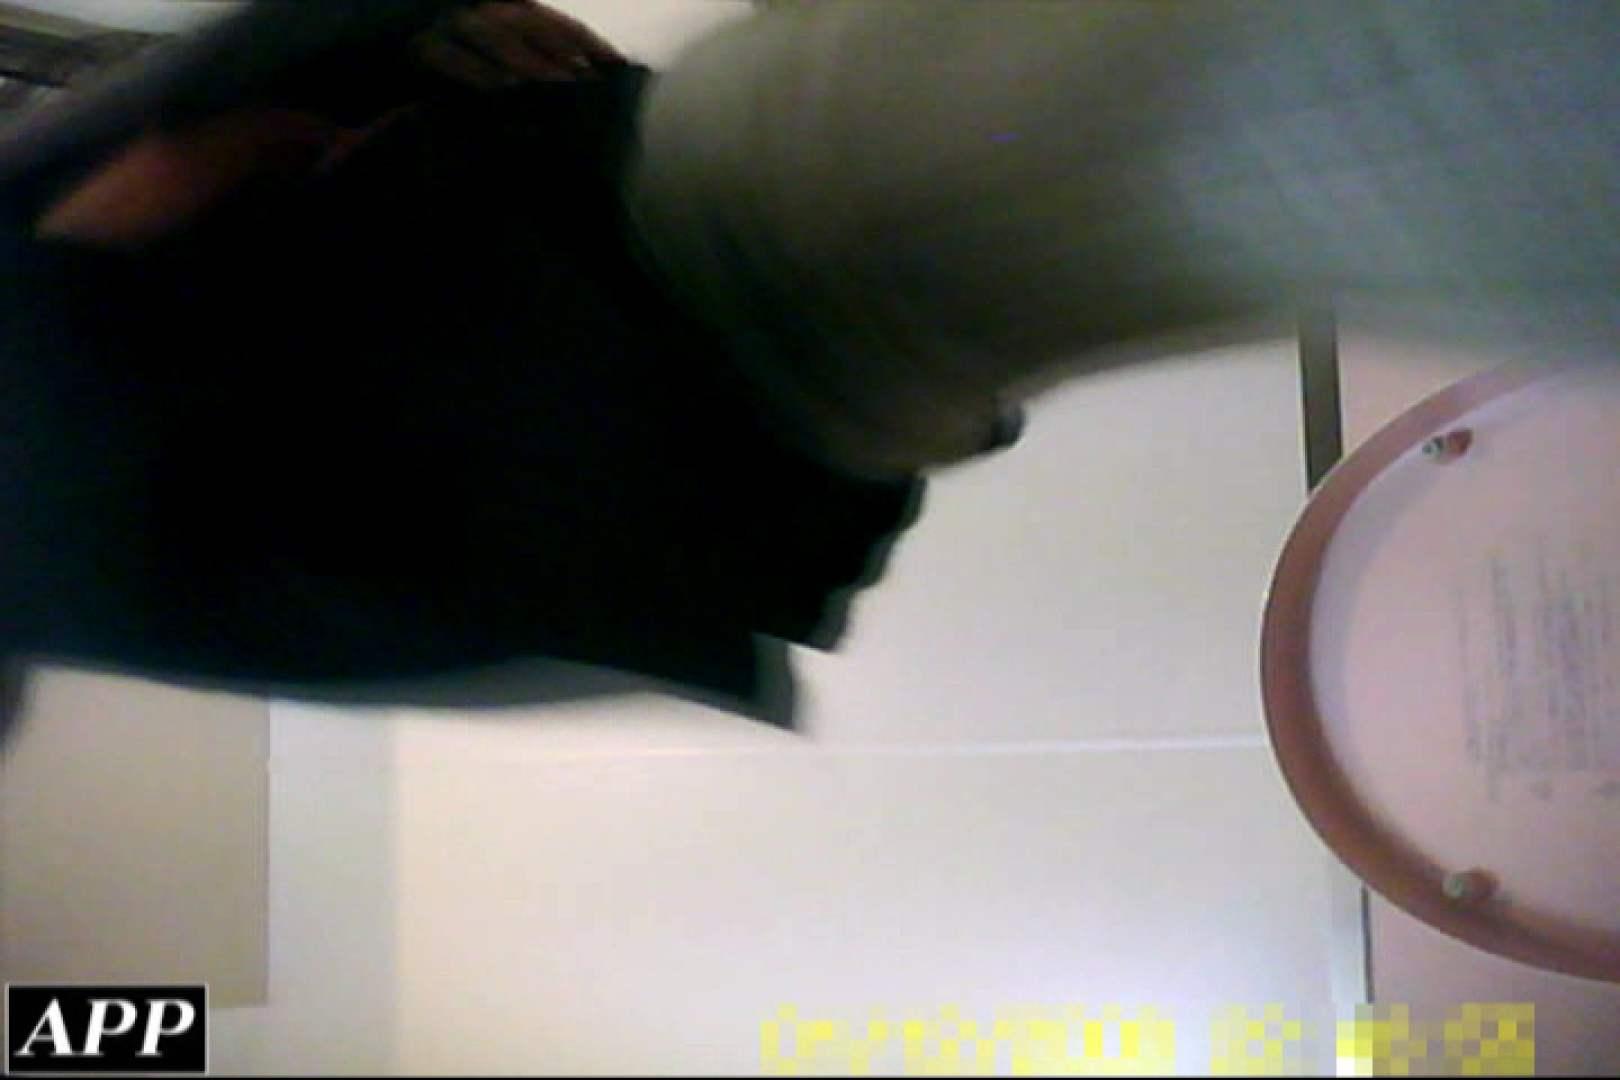 3視点洗面所 vol.74 オマンコ大好き 性交動画流出 68画像 62